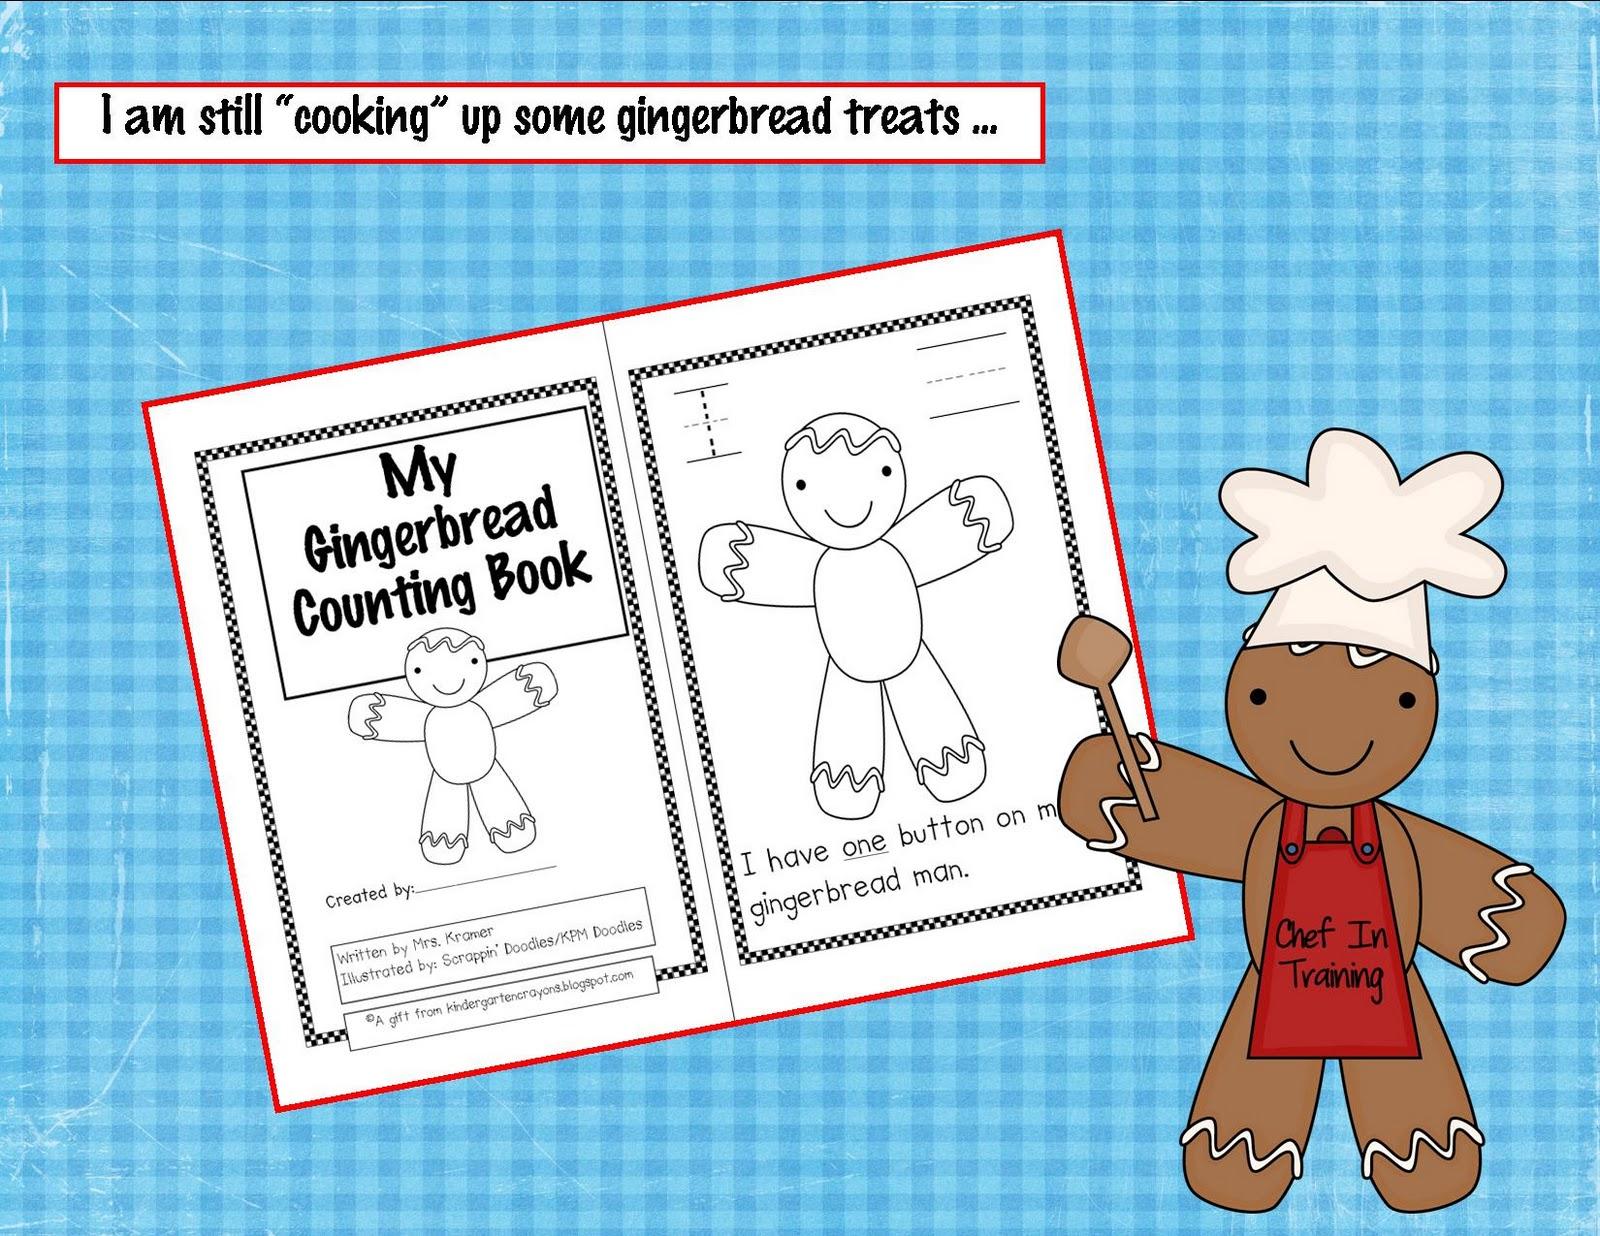 Kindergarten Crayons Cooking Up More Treats For Next Week